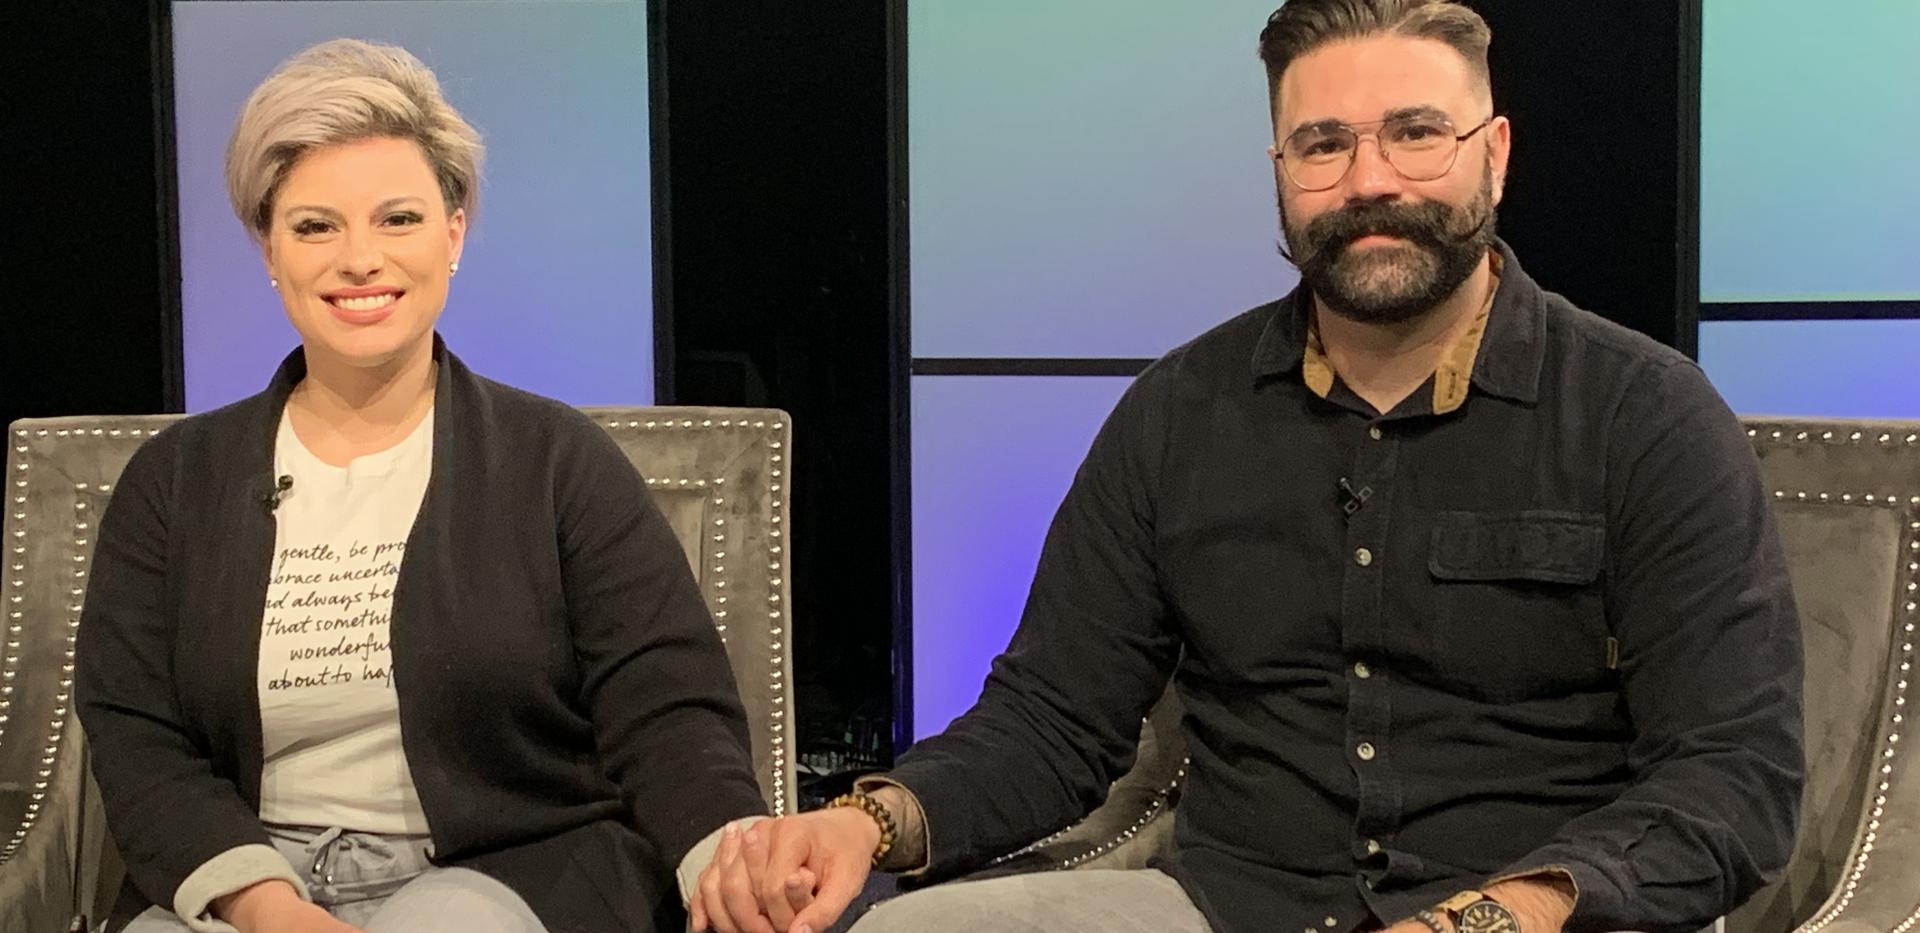 LIFELINE TODAY | Season 6, Episode 209 | Chris & Nikki Mathis